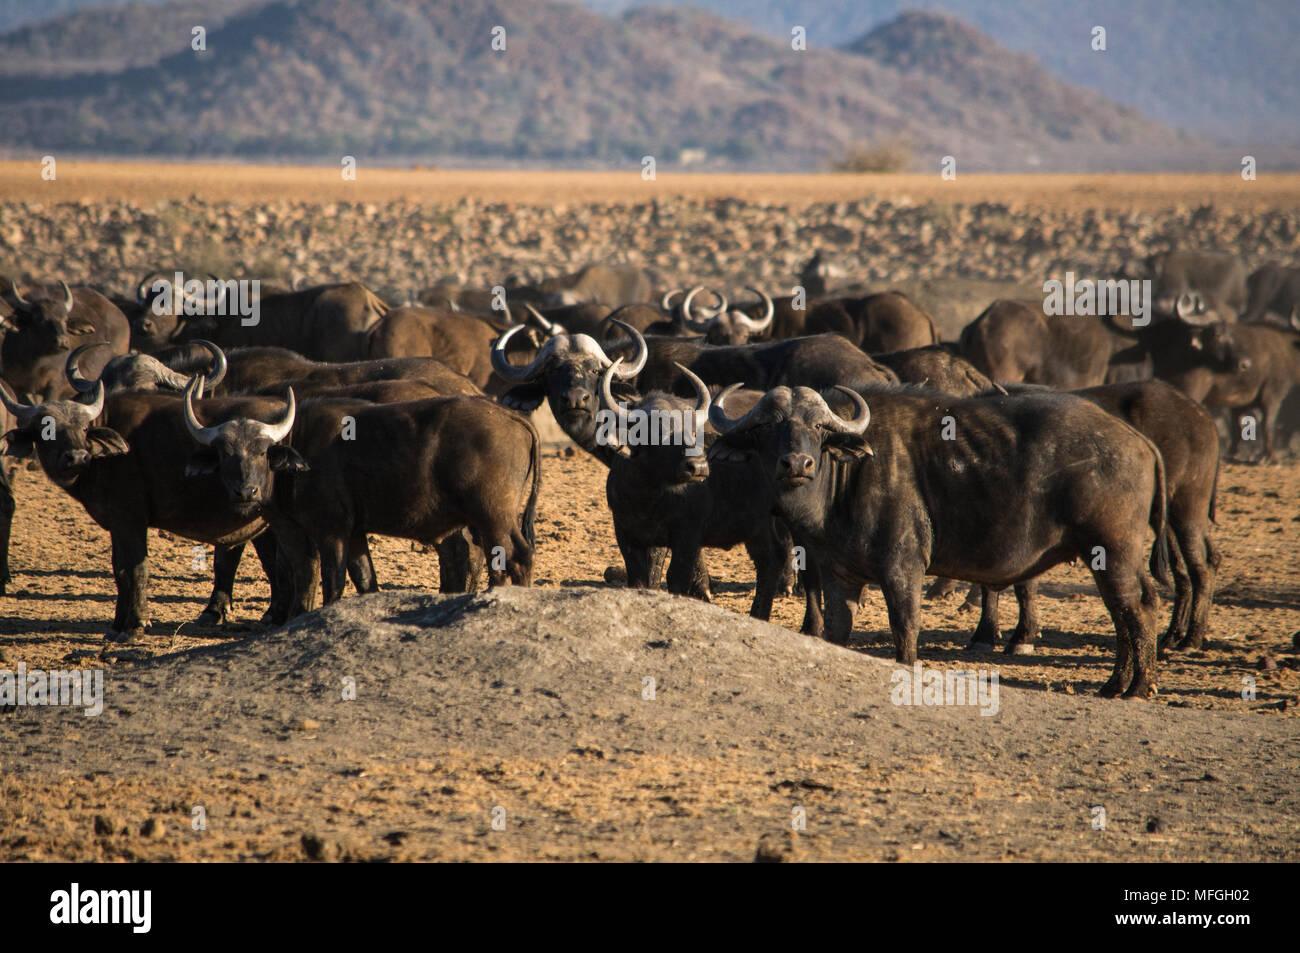 Buffalo herd - Stock Image